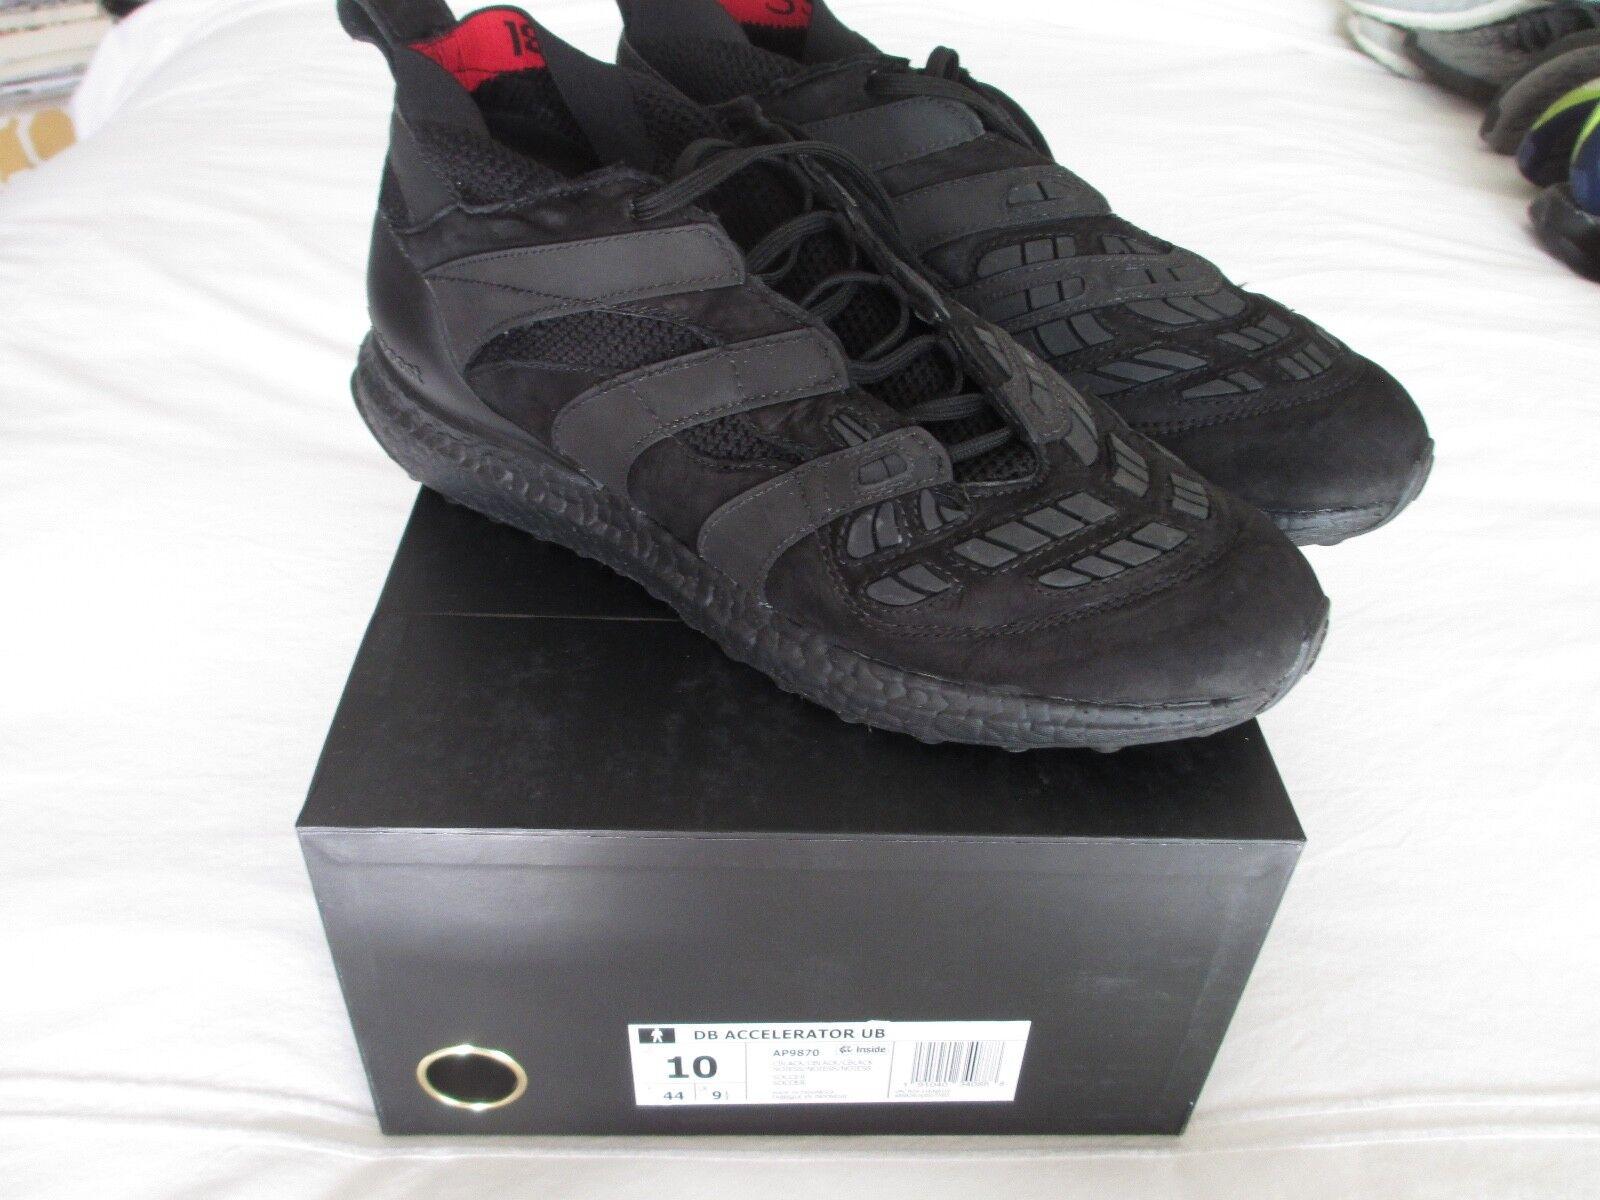 Adidas d beckham accelerator ultra auftrieb ap9870 männer schwarz uns 10 44 euro schwarz männer 1f27b6